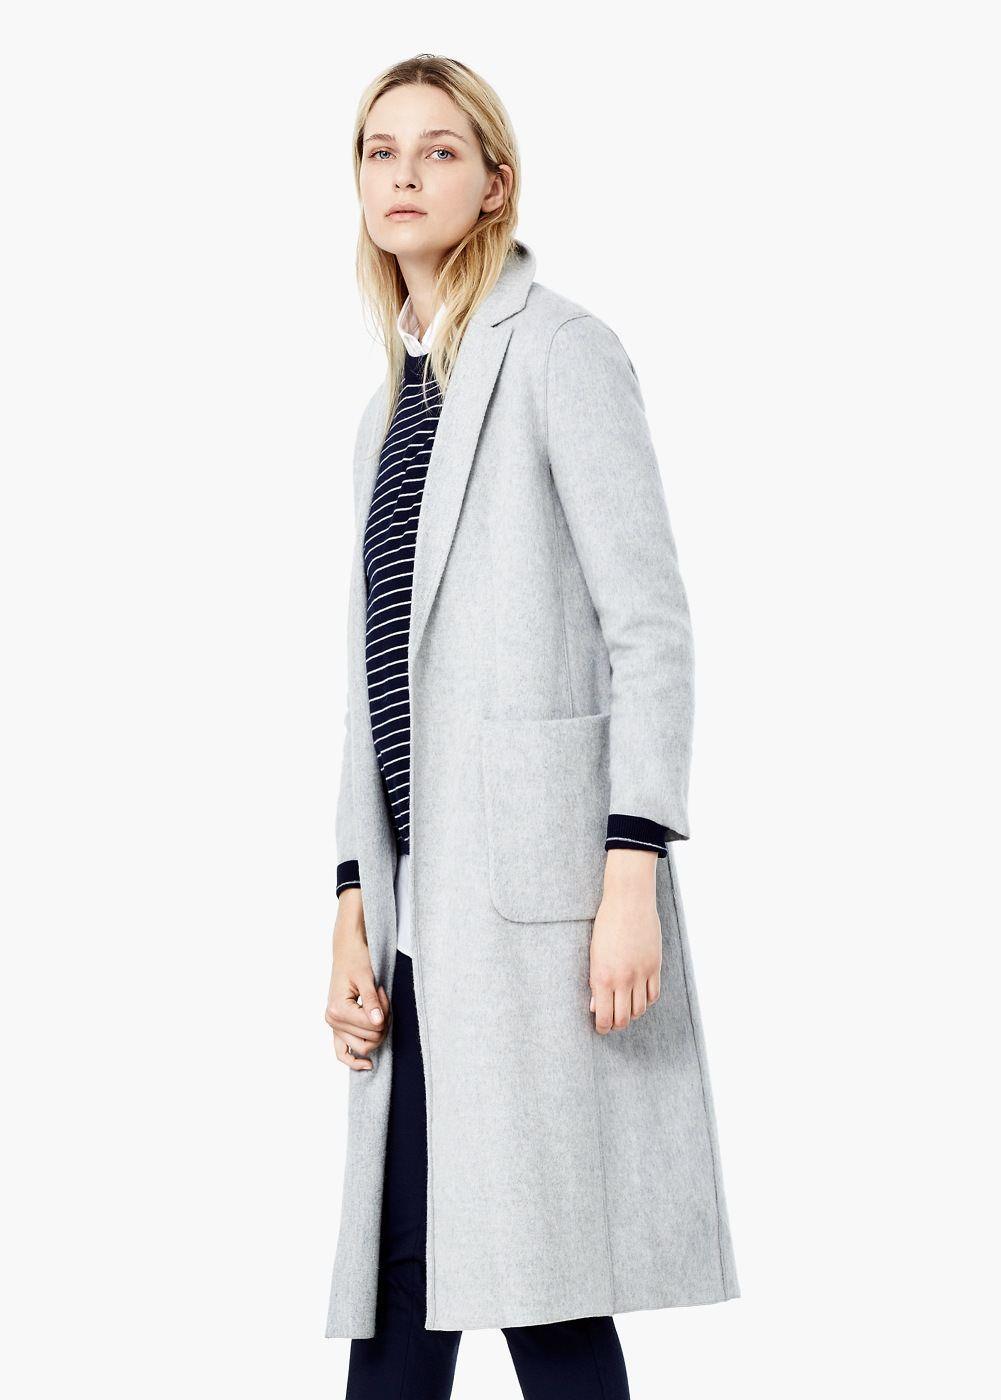 a275f4536f426 Manteau droit laine - Femme   style 2016   Pinterest   Manteaux pour ...